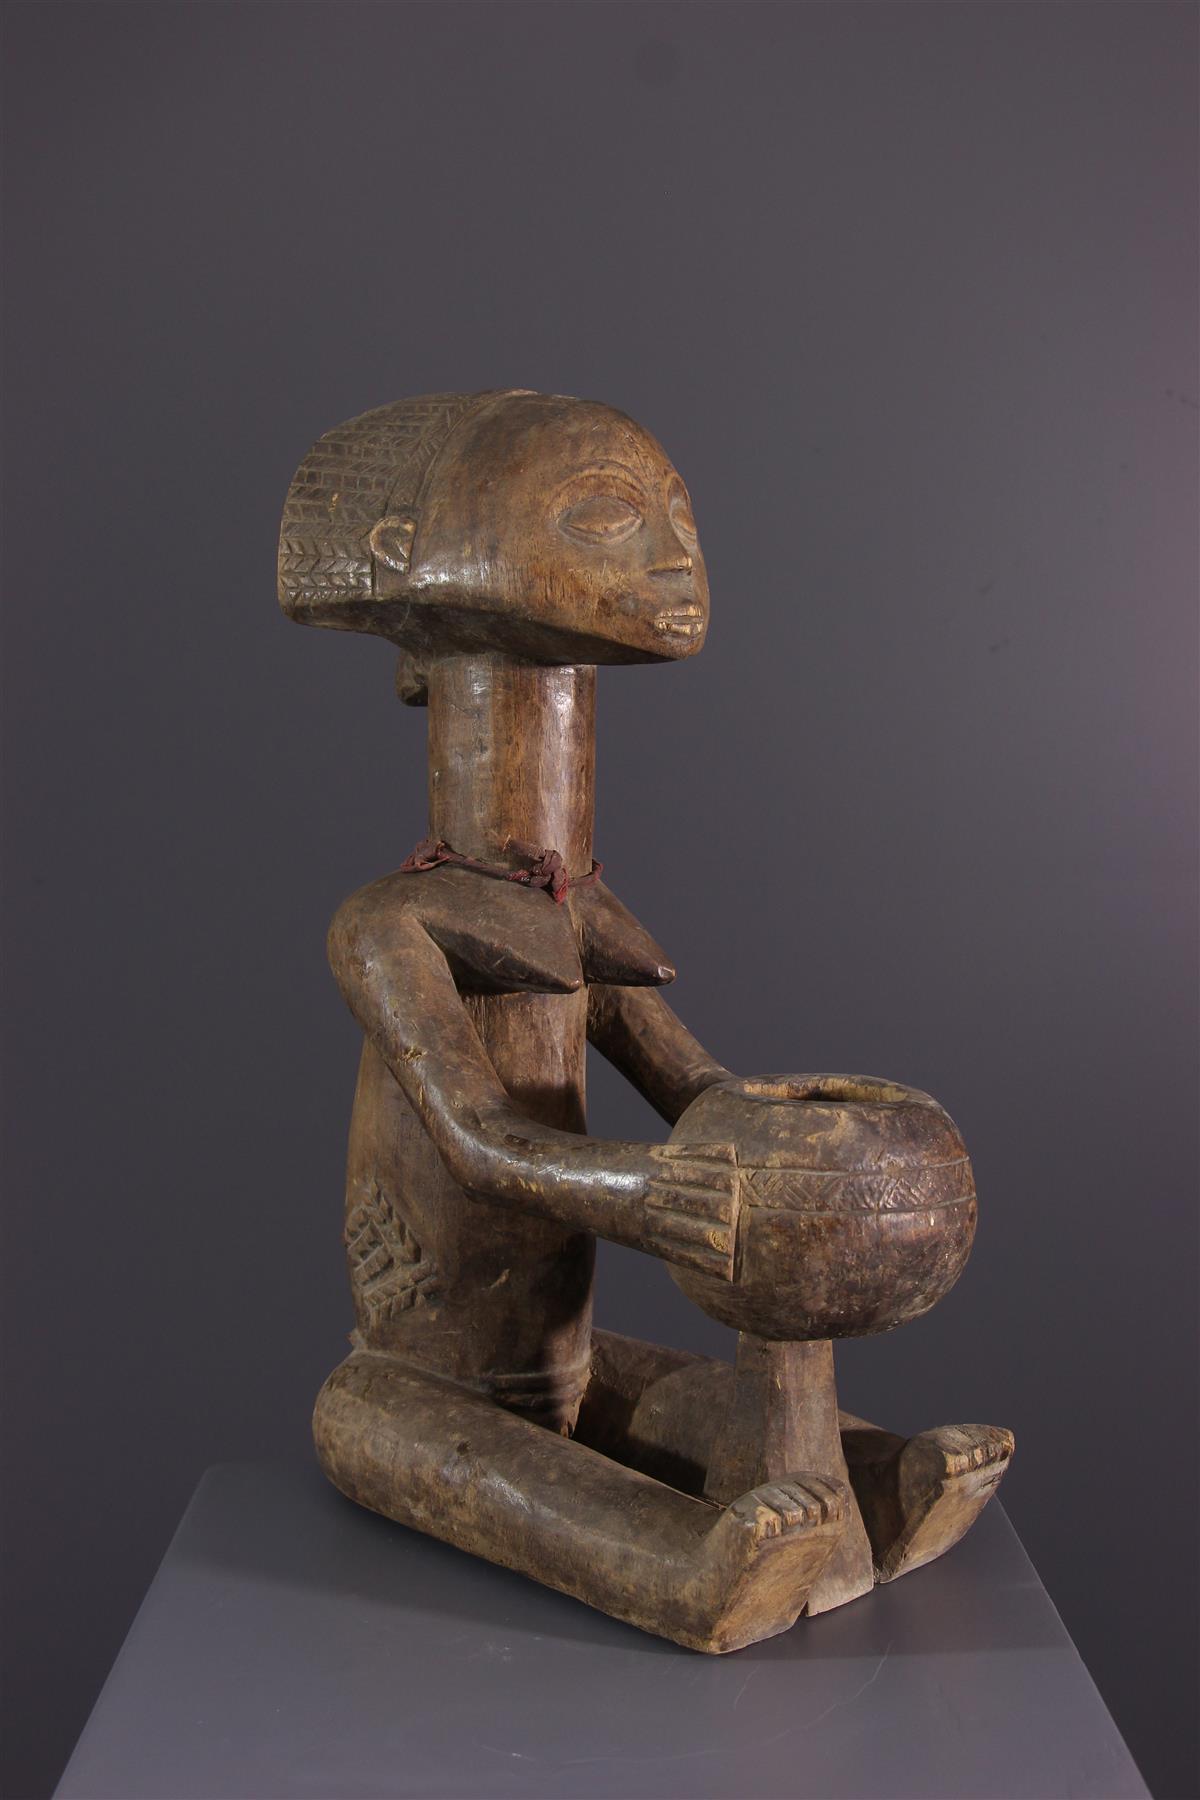 Beeld Luba - Afrikaanse kunst